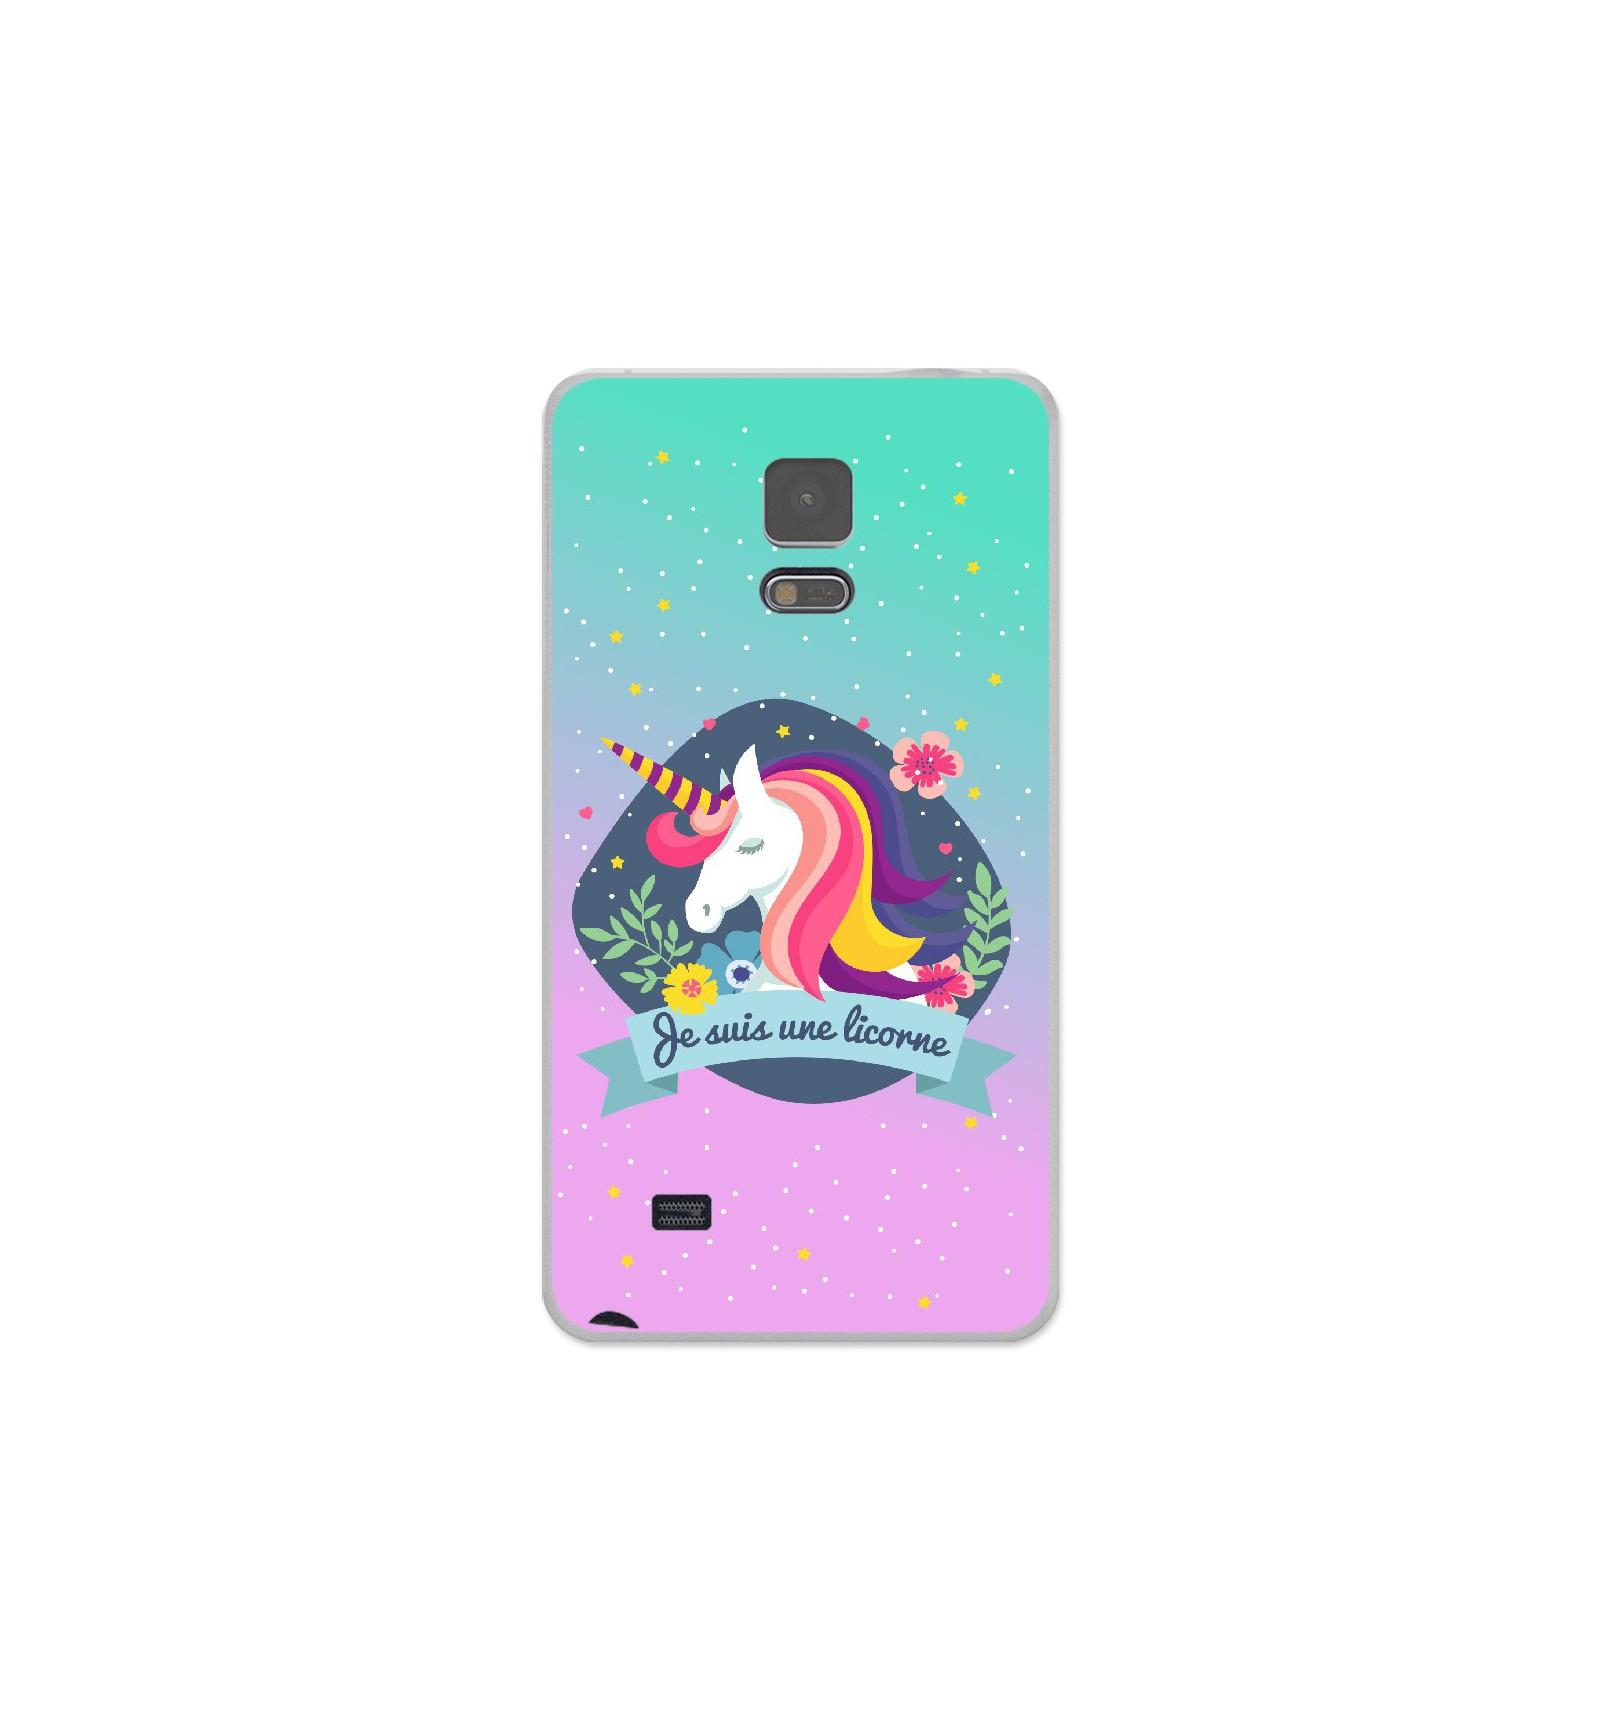 Coque en silicone Samsung Galaxy Note 4 - Je suis une licorne